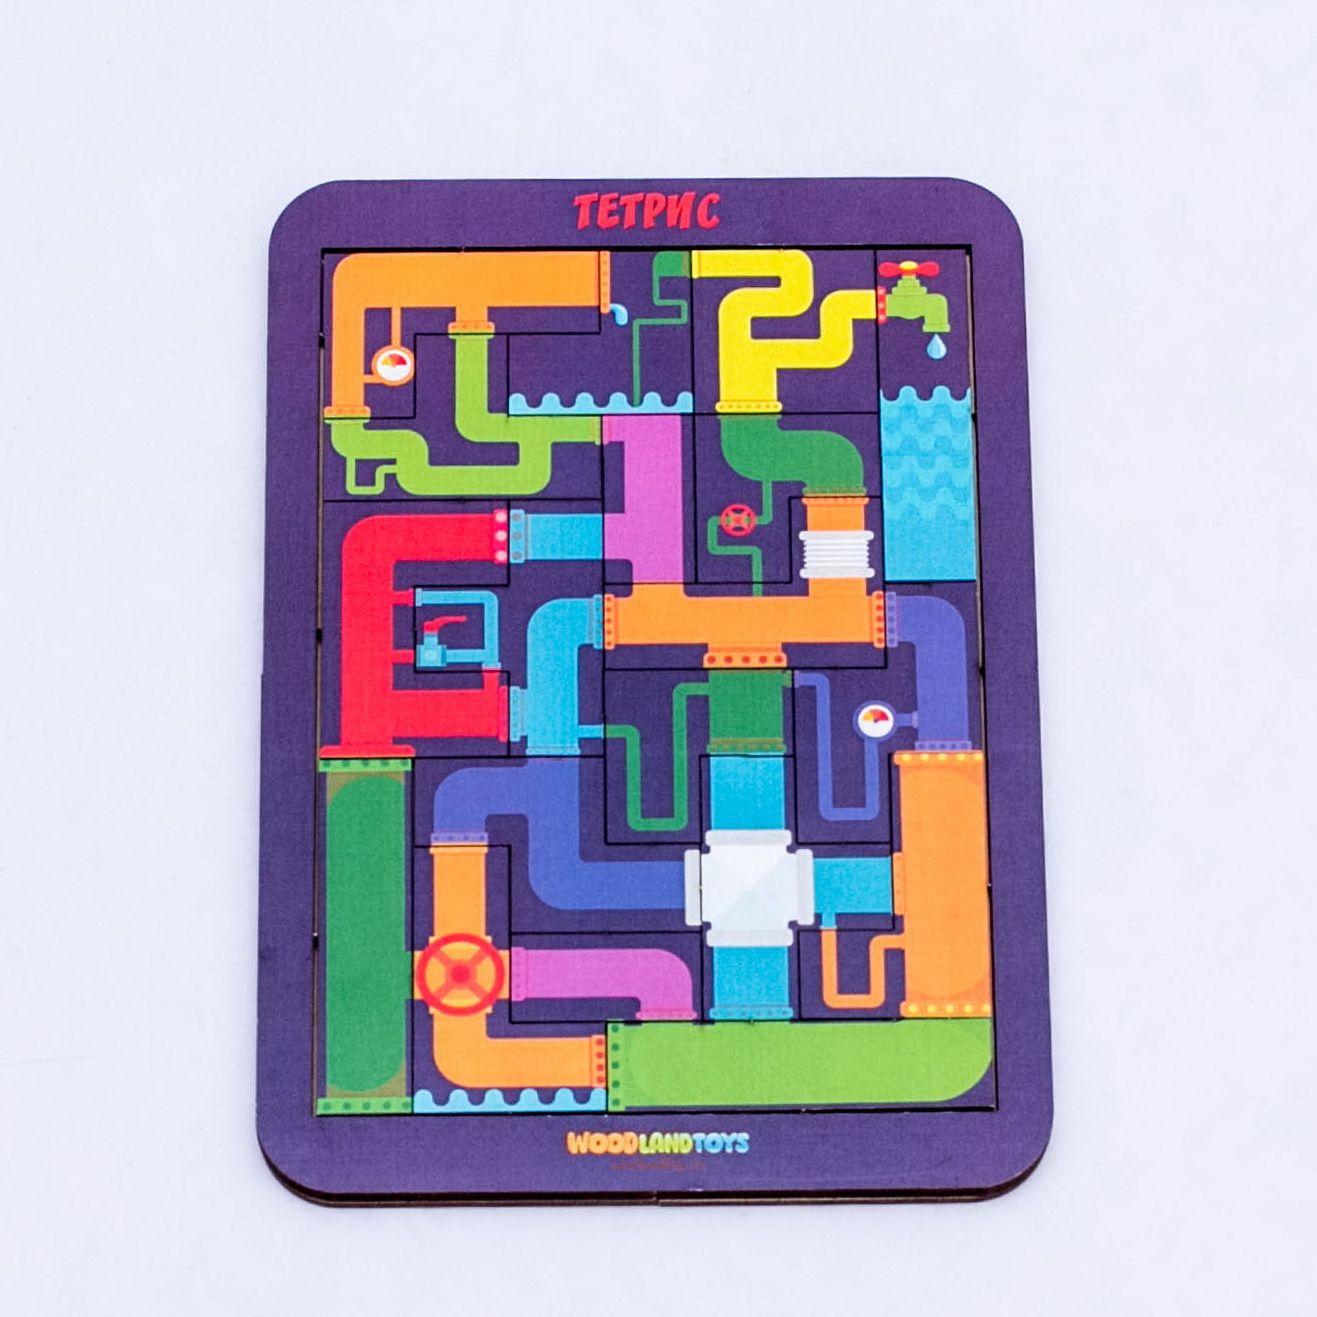 Купить Логическая игра WOODLAND Тетрис малый, Водопровод-1, Россия